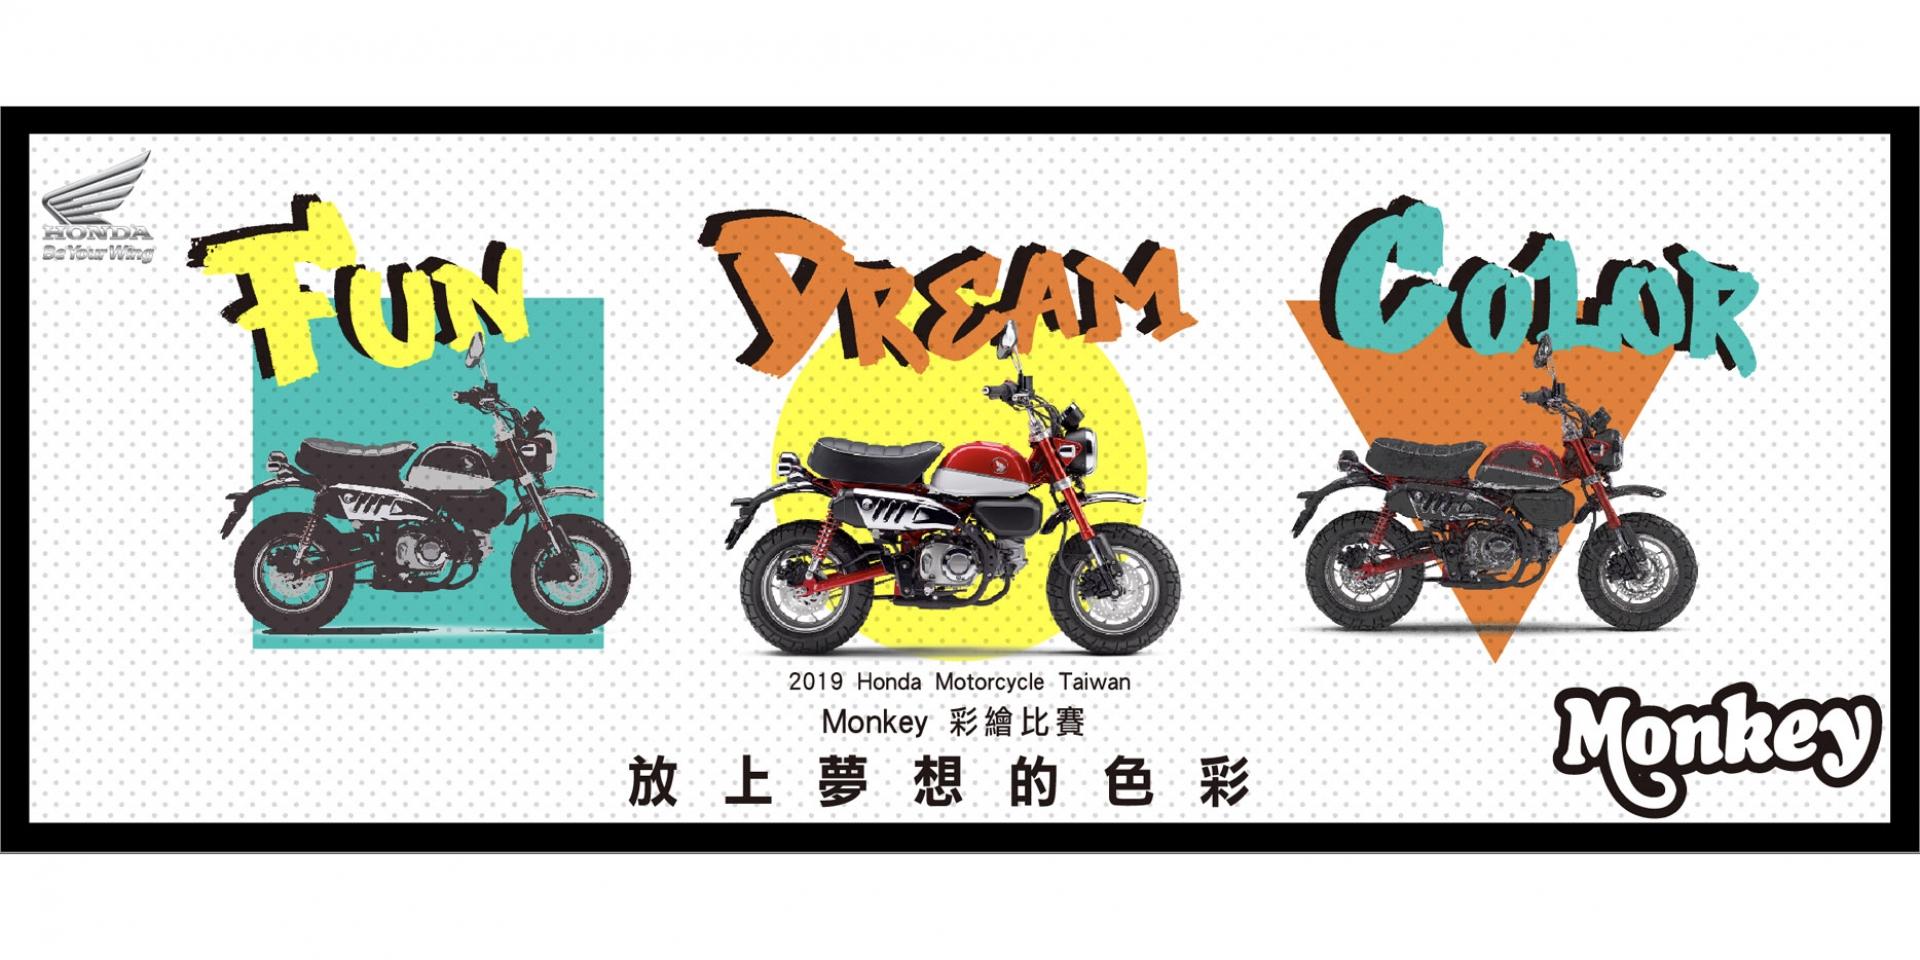 官方新聞稿。2019 Honda Taiwan 放上夢想的色彩 Monkey125 彩繪比賽活動開跑